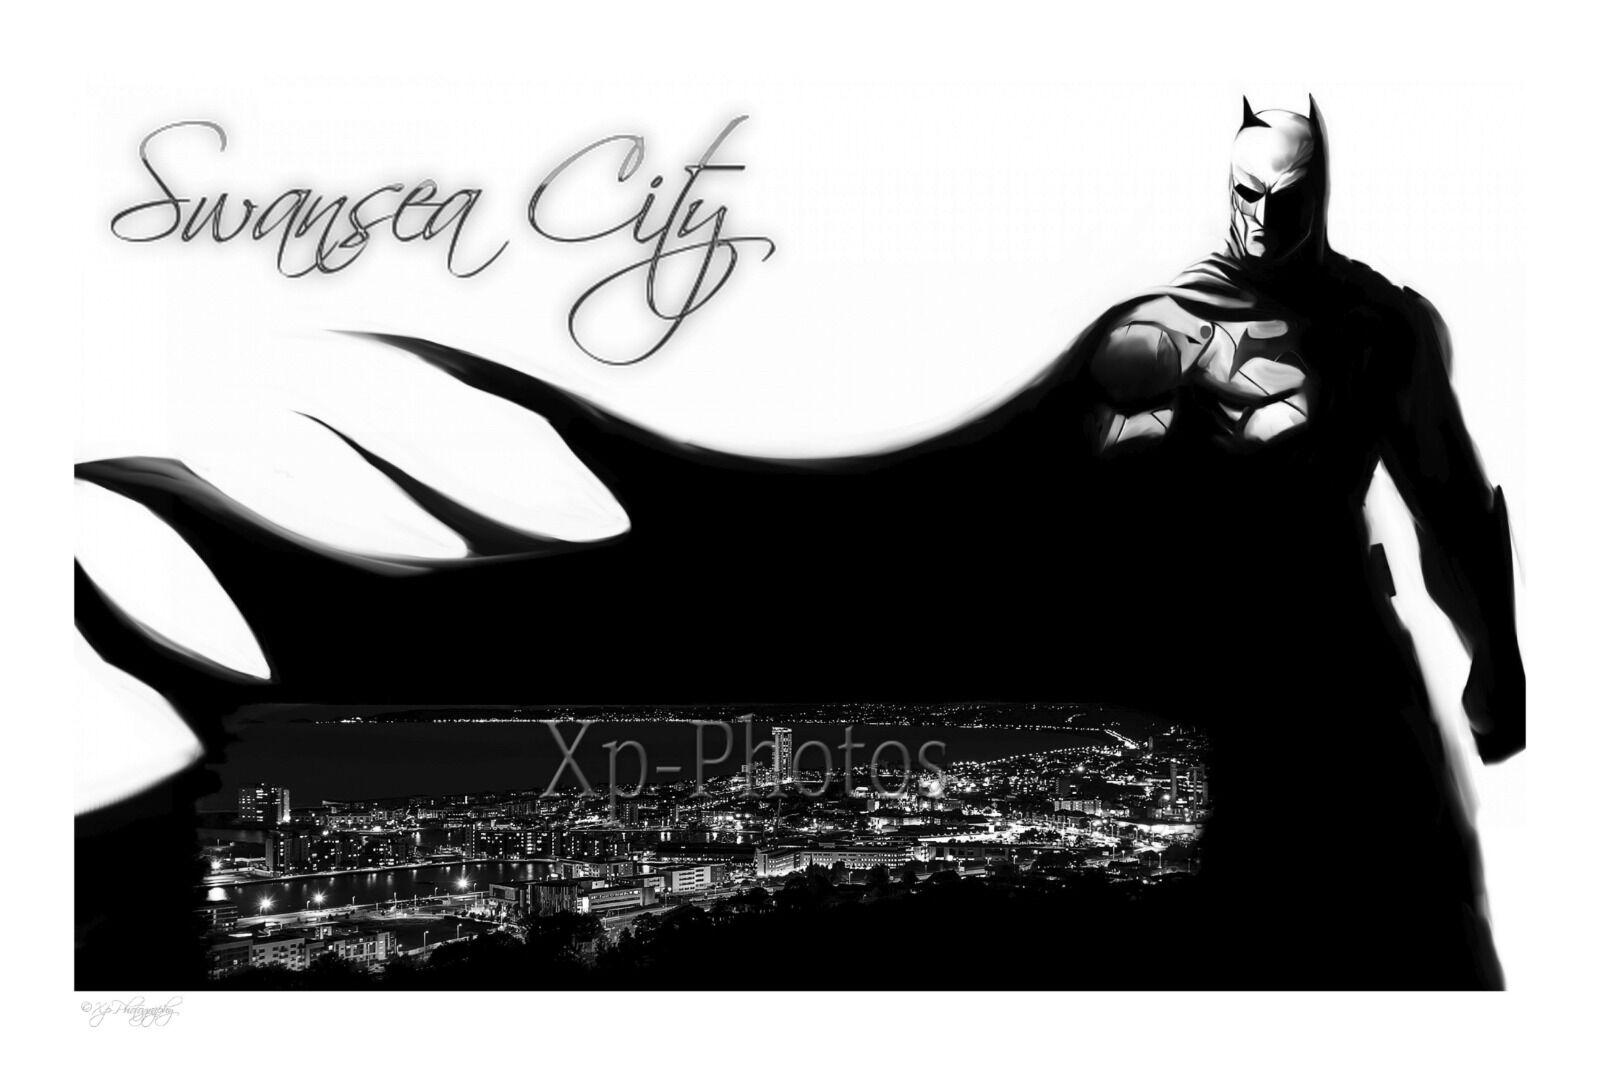 Batman Swansea City